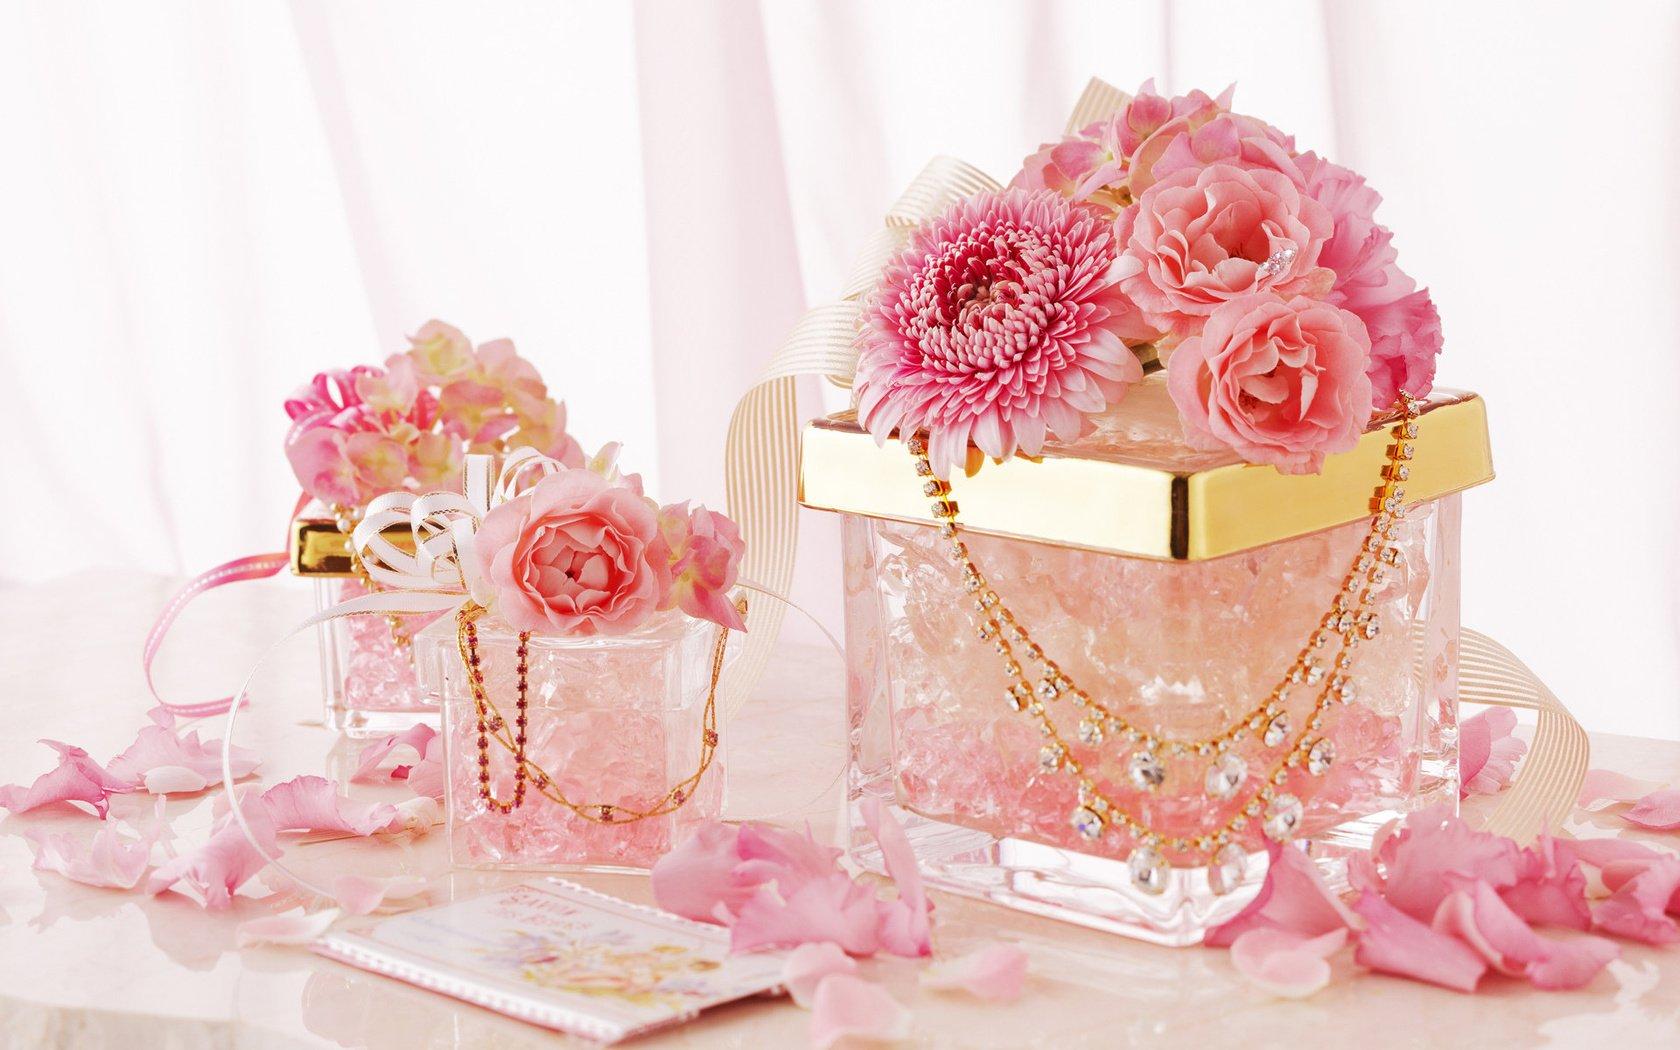 С днем рождения цветы девочке картинки